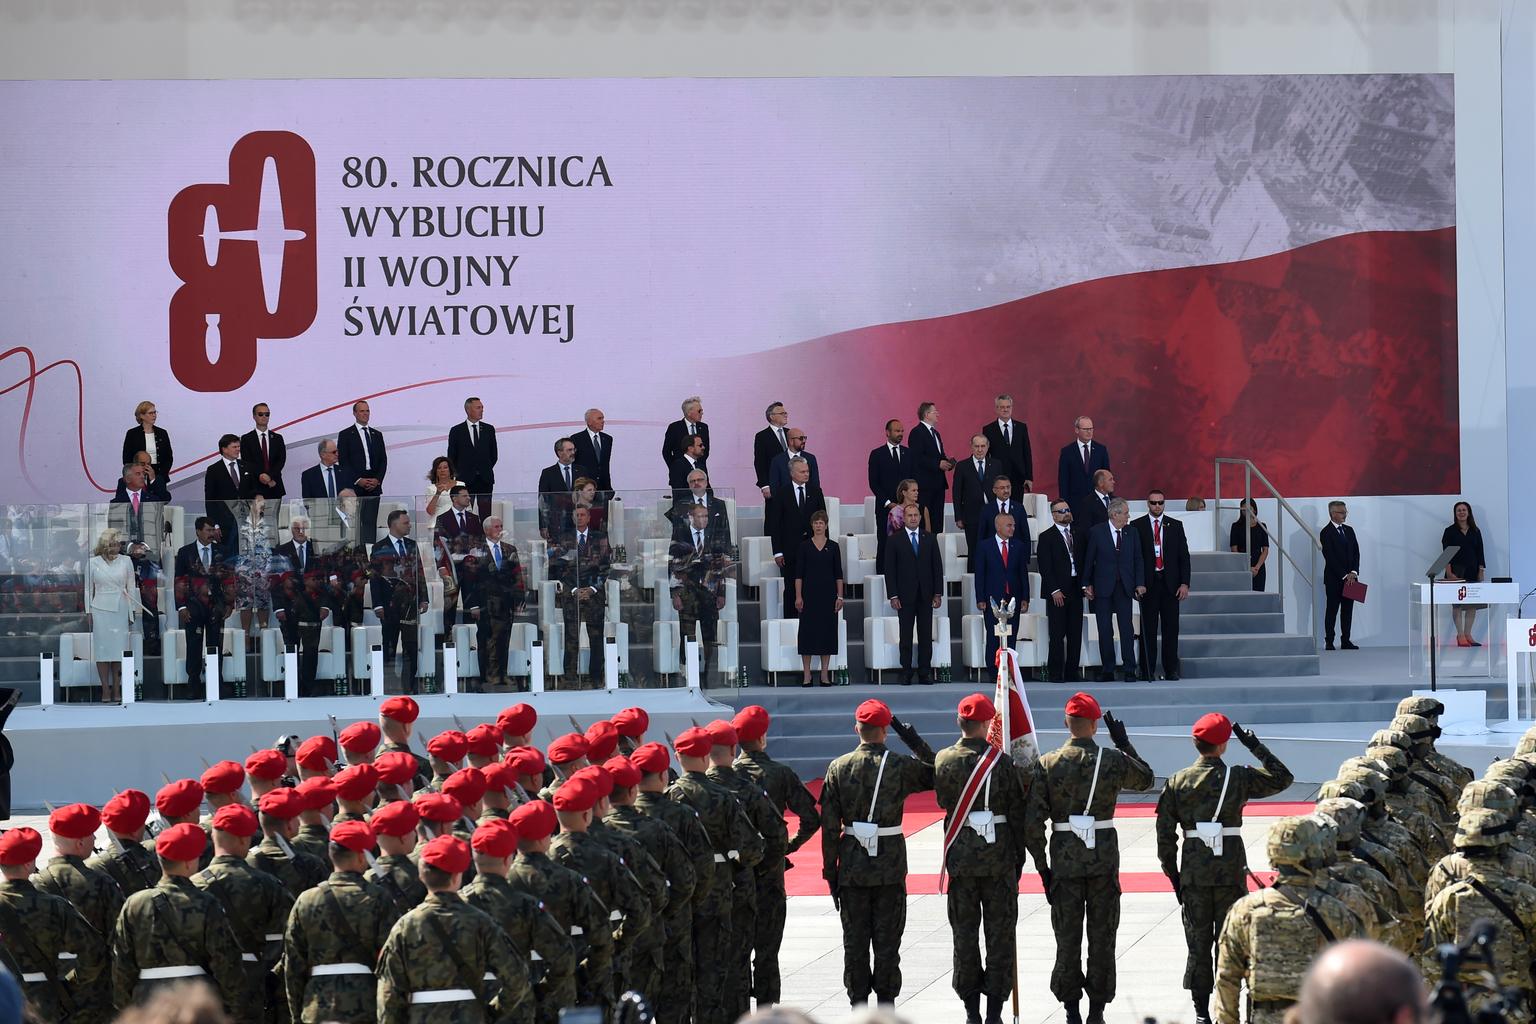 Megemlékezés a varsói Pilsudski téren a II. világháború kirobbanásának 80. évfordulóján 2019. szeptember 1-én #moszkvater